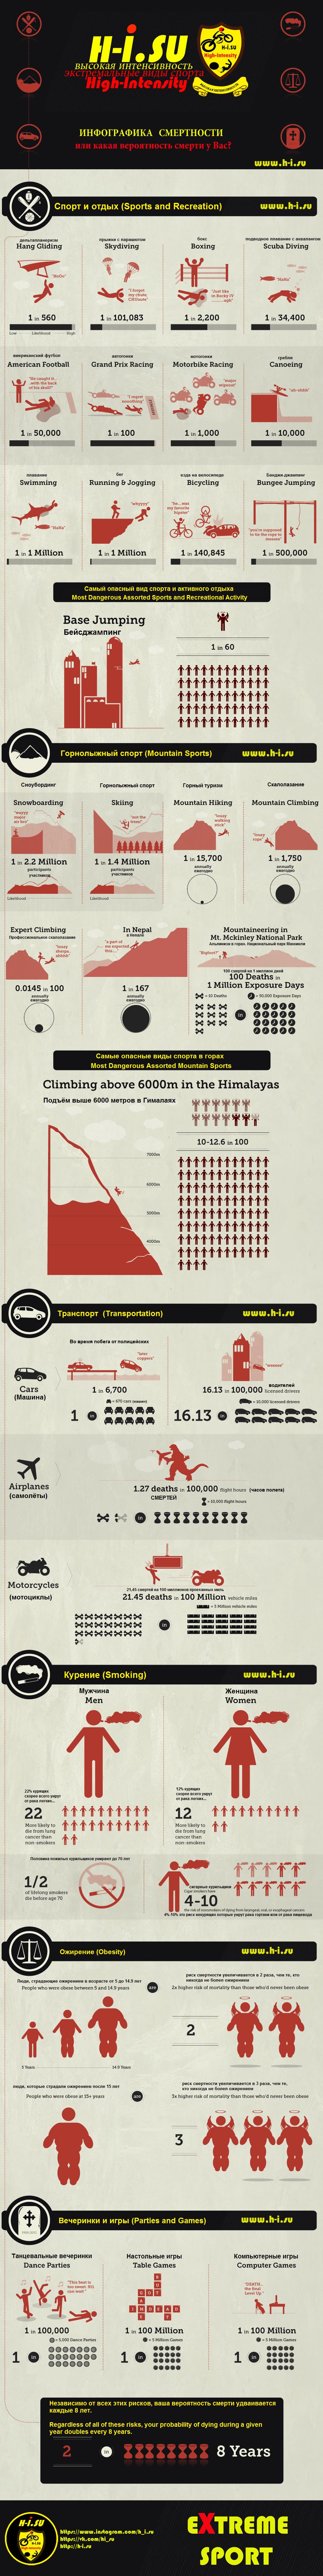 Инфографика смертности в жизни и спорте